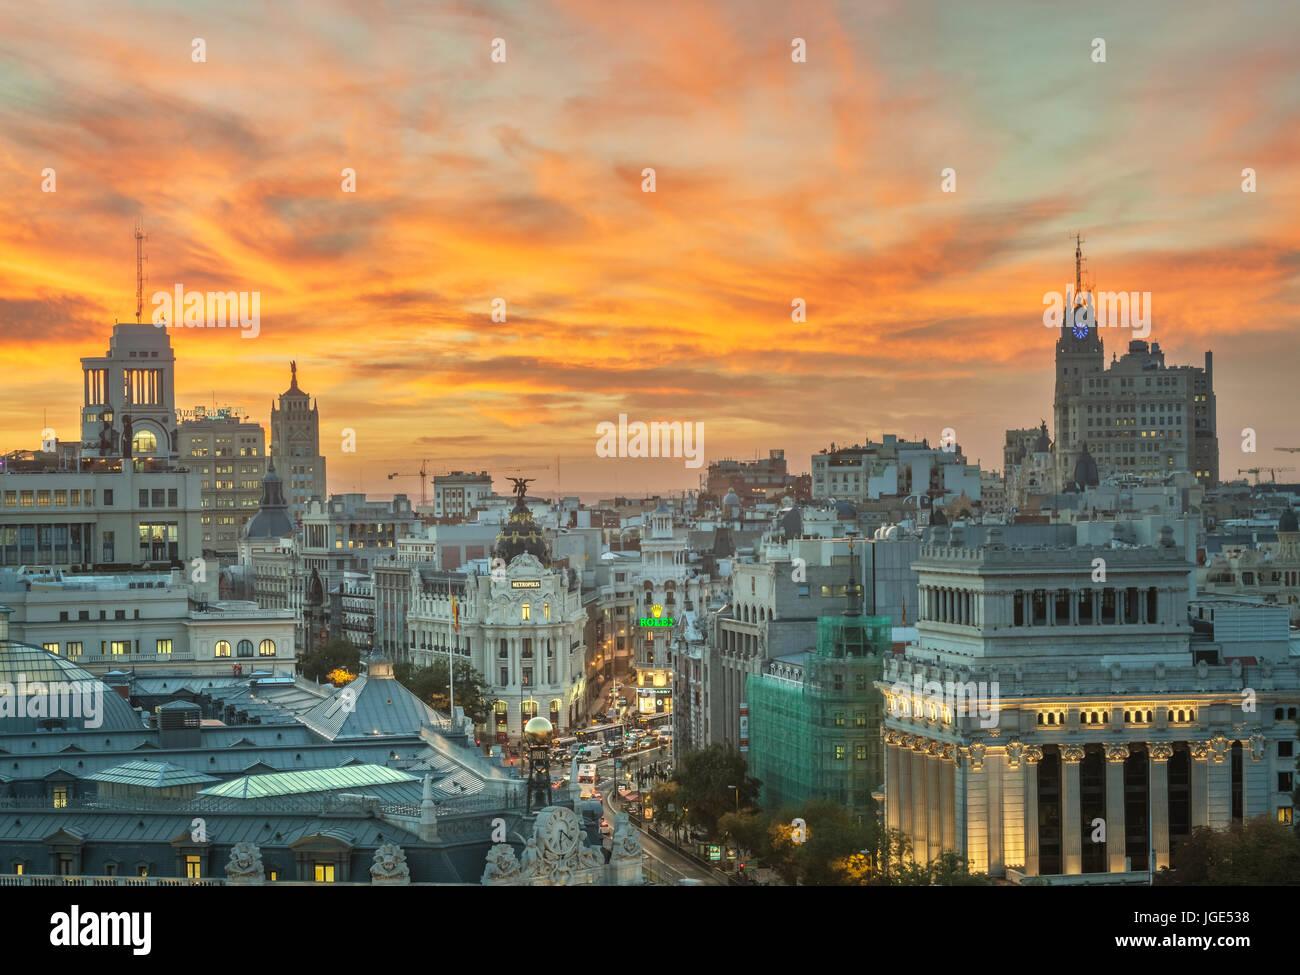 Il centro cittadino di Madrid skyline. Madrid, Spagna. Immagini Stock